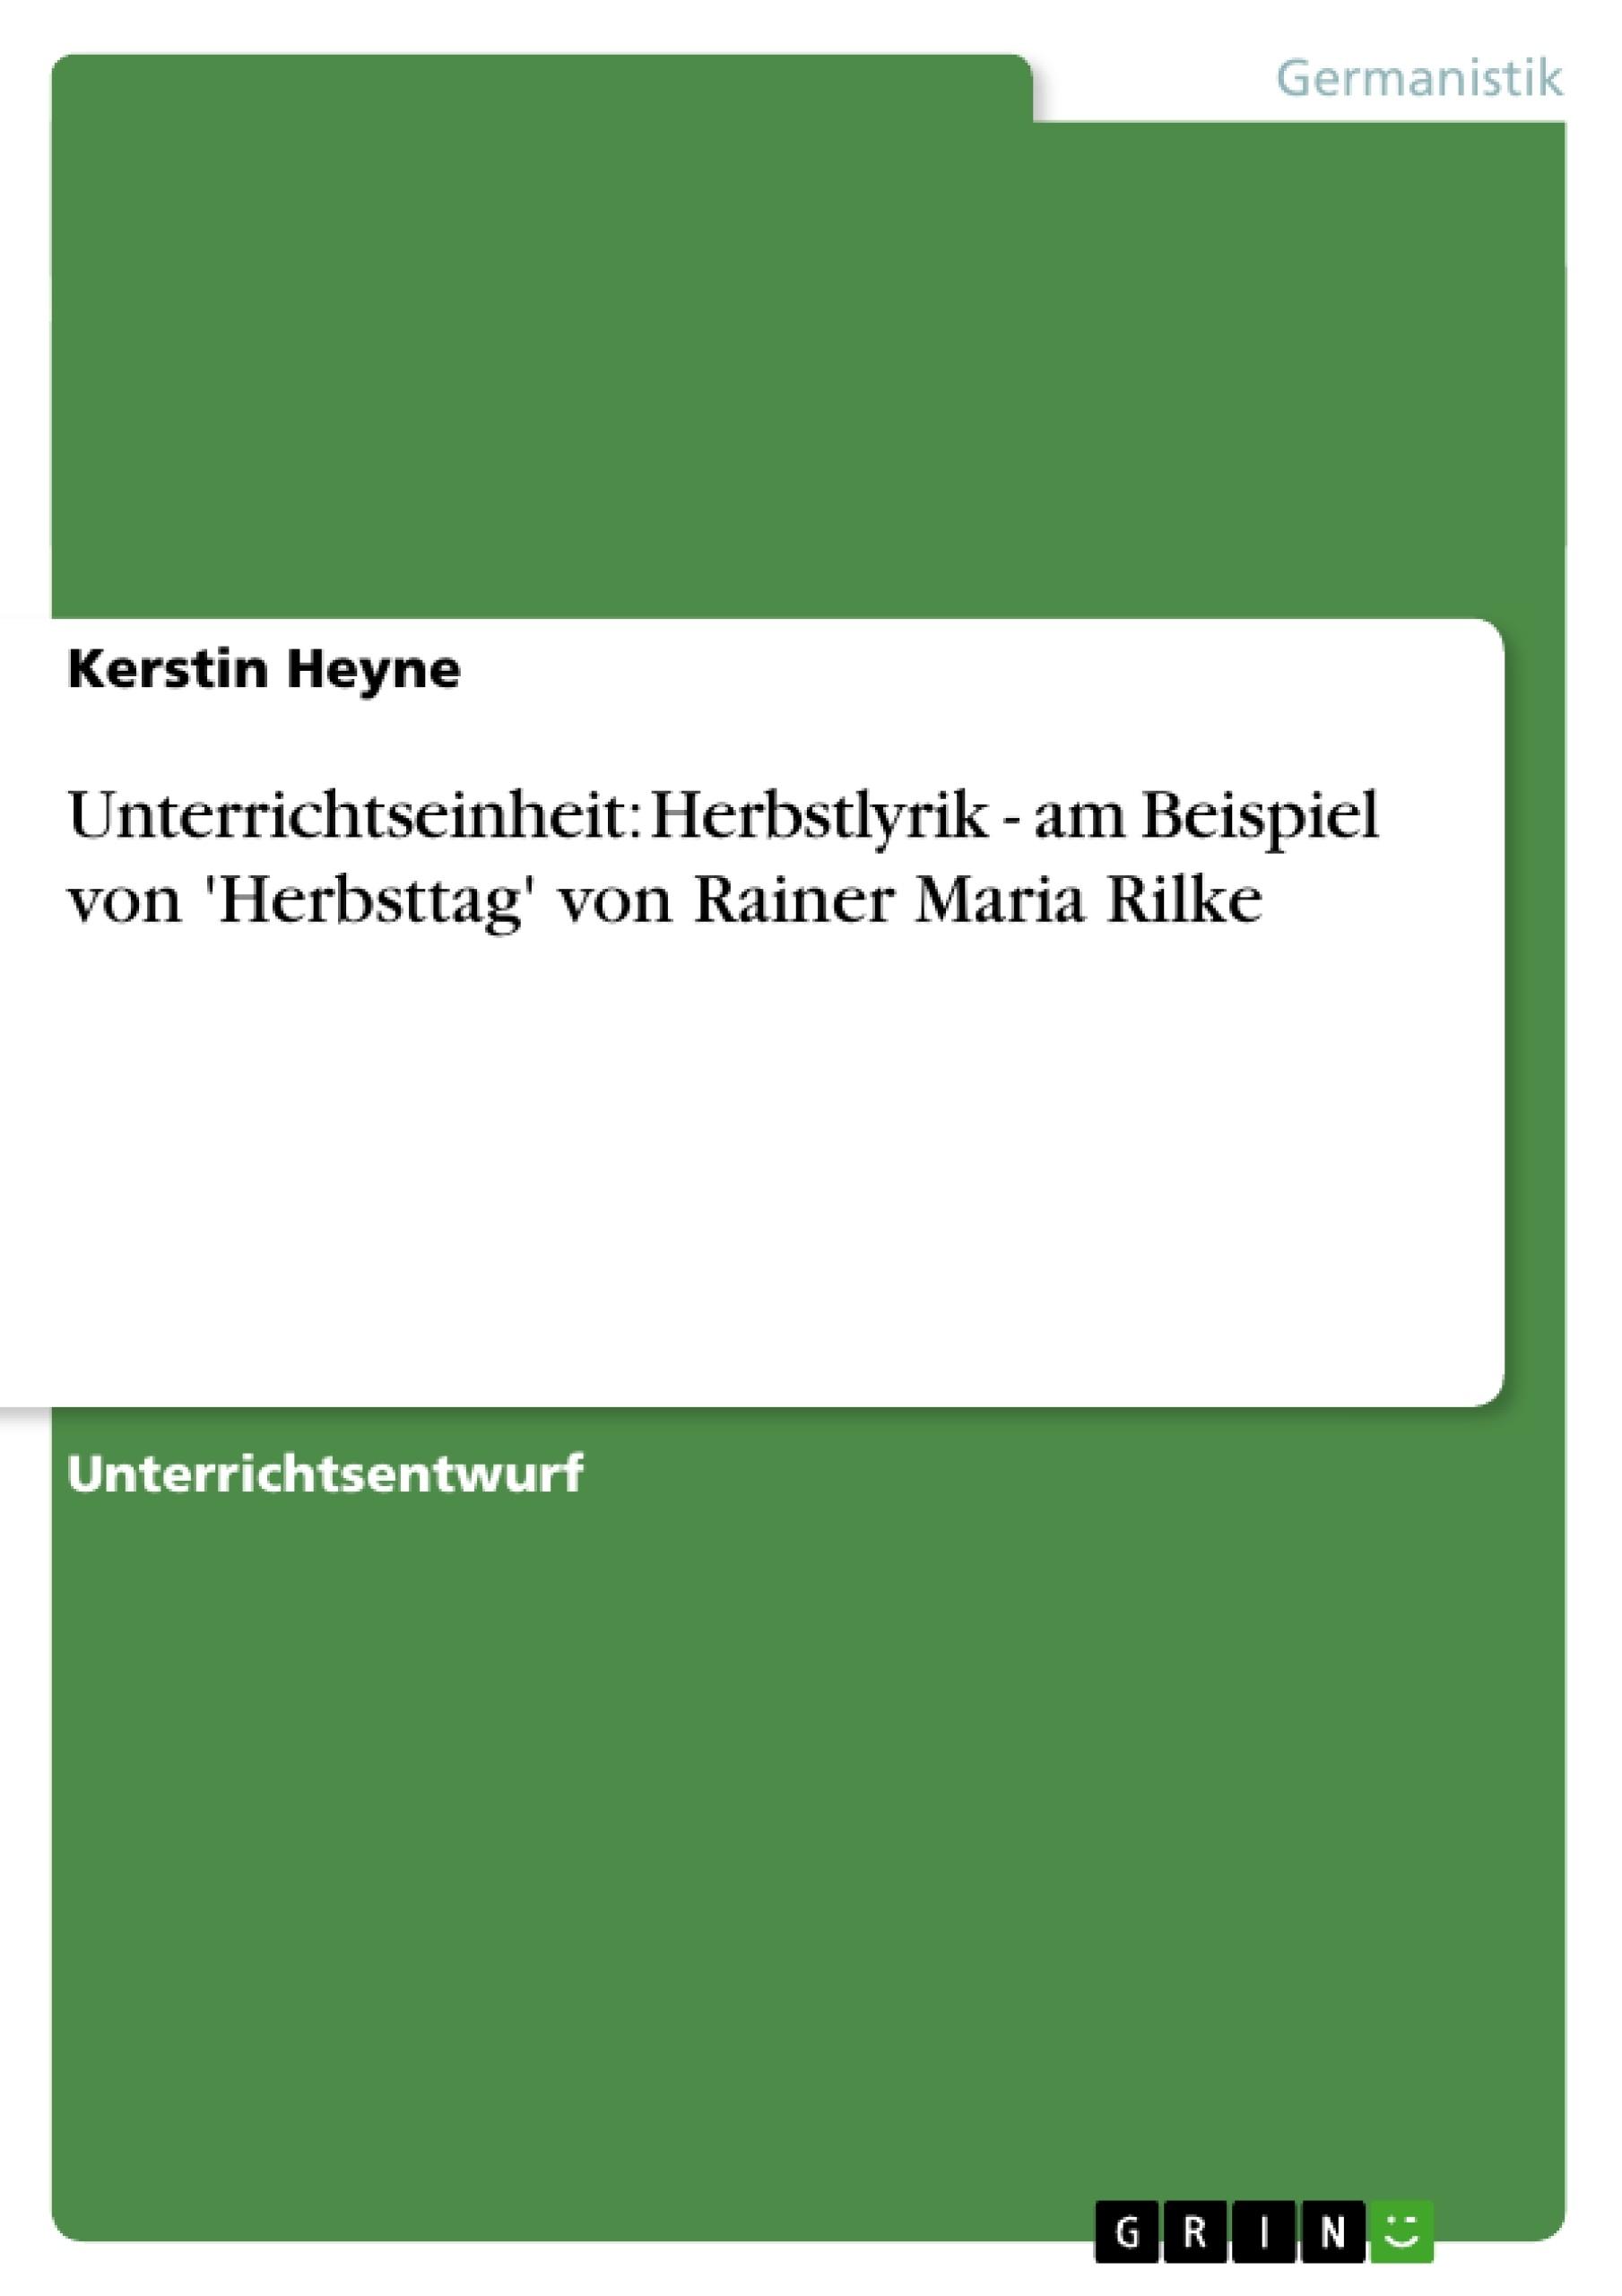 Titel: Unterrichtseinheit: Herbstlyrik - am Beispiel von 'Herbsttag' von Rainer Maria Rilke